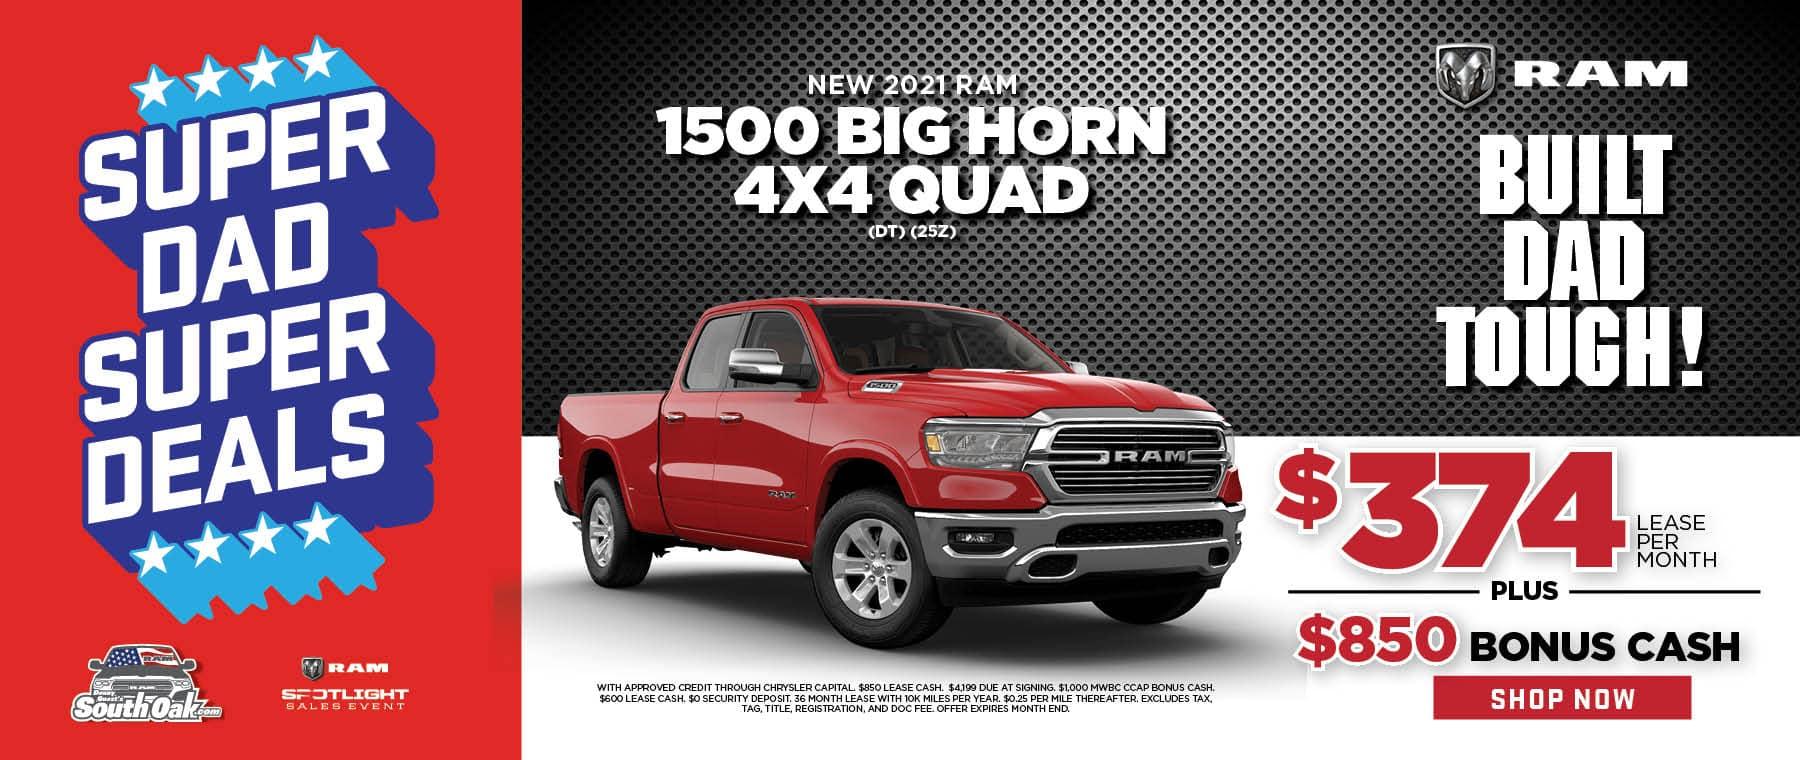 2021 RAM 1500 Big Horn Lease Deal